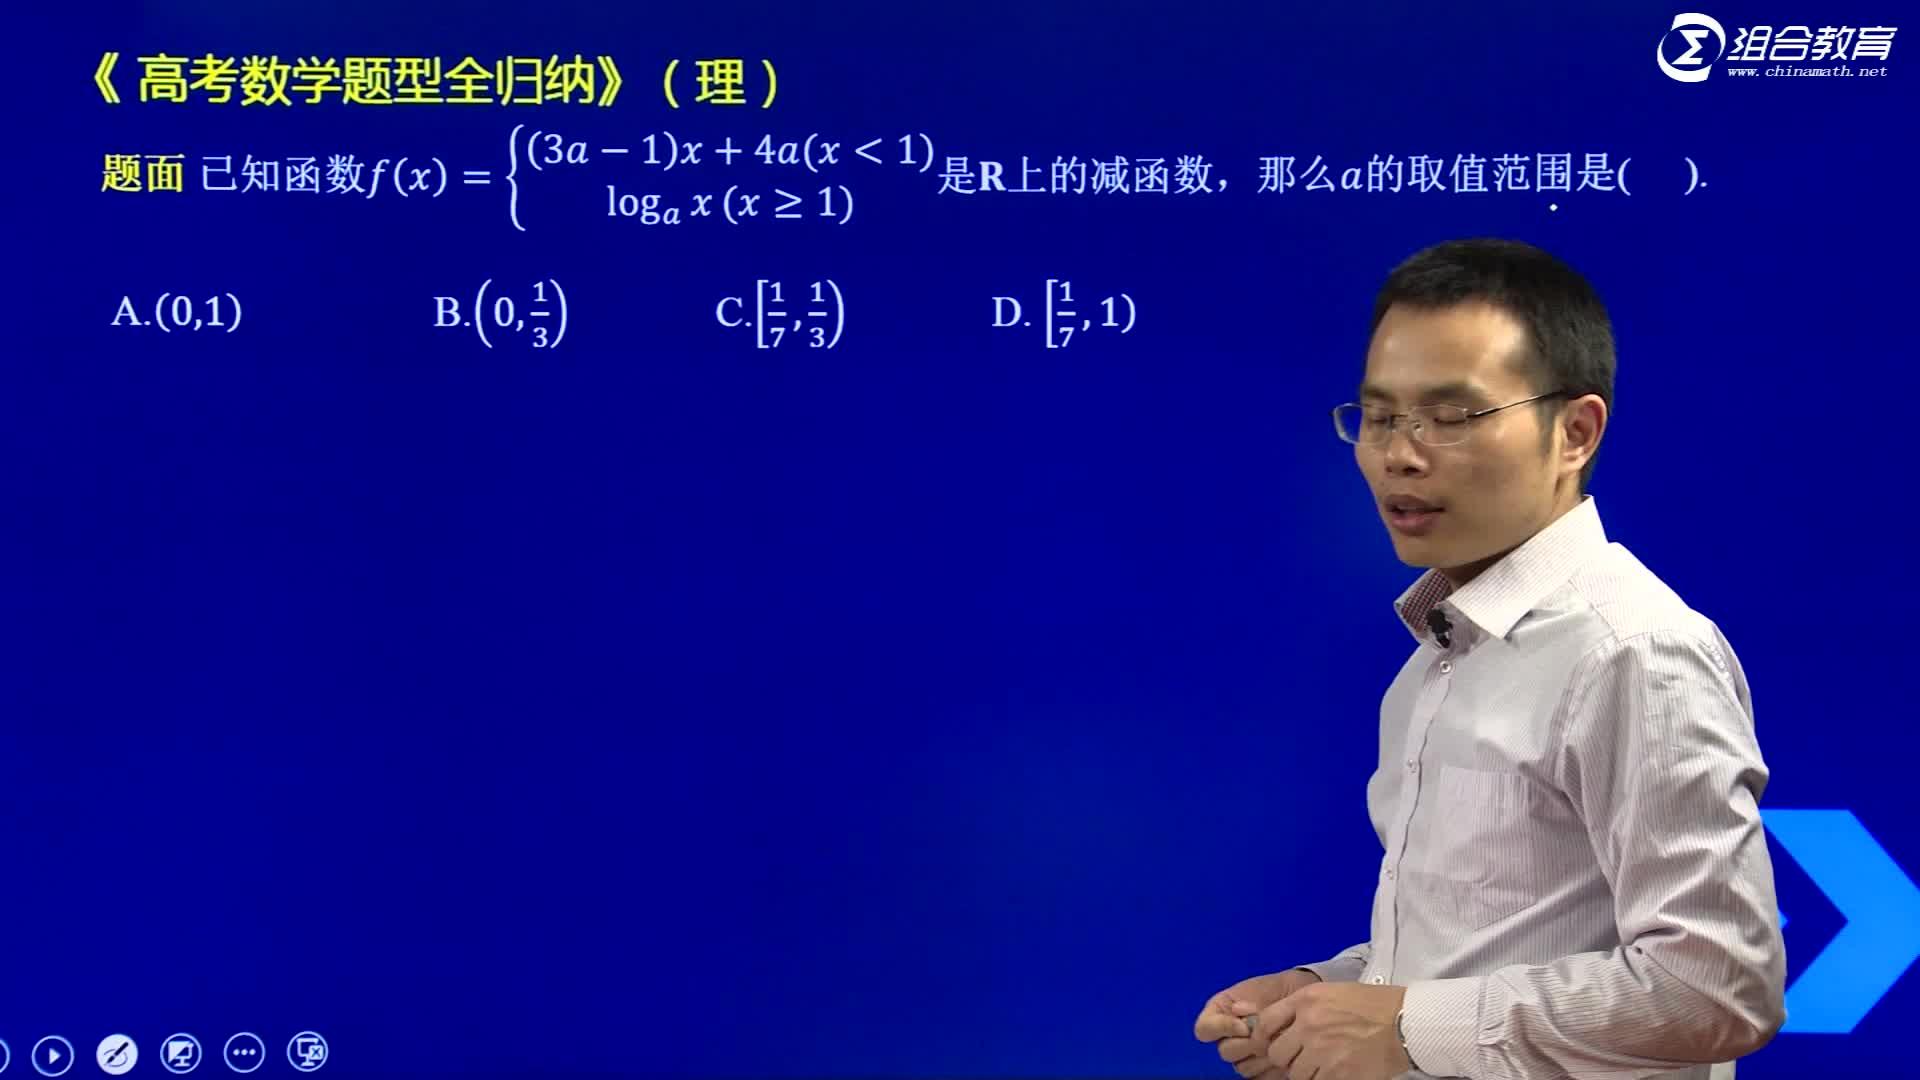 视频2.24 利用函数单调性求?#38382;?#21462;值范围-【洞穿高考】2020版高考理科数学题型全归纳